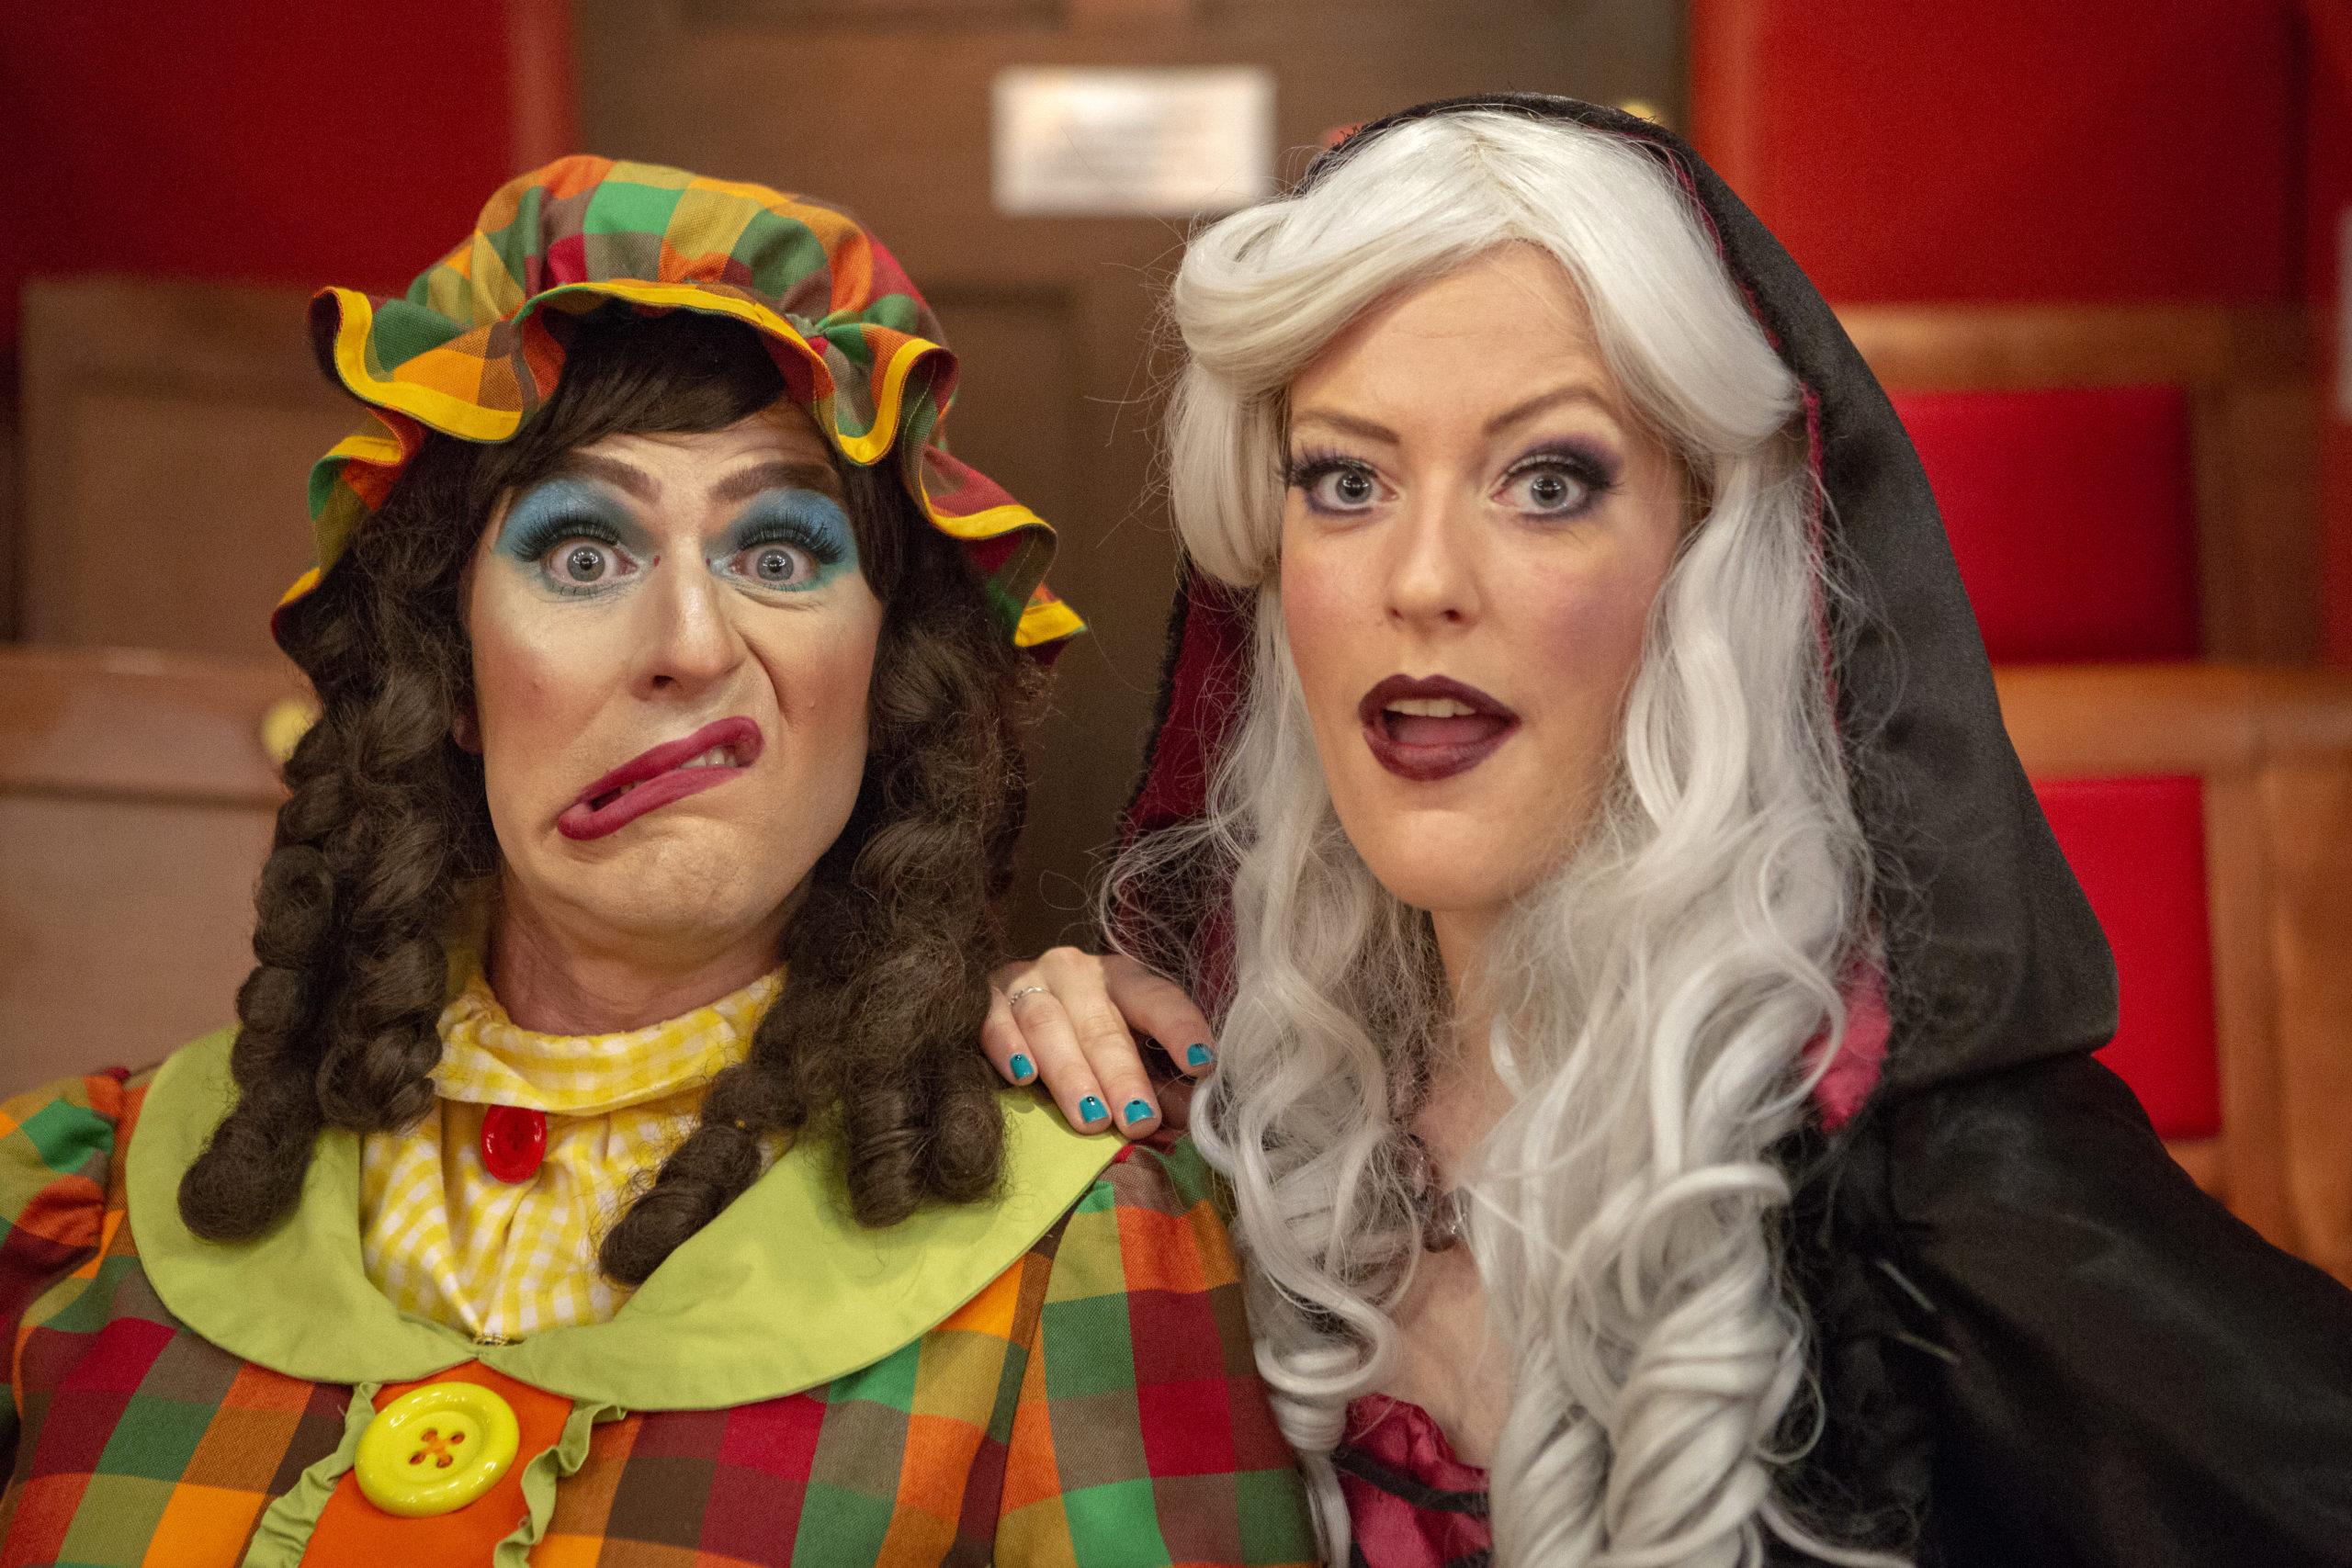 pantomime theatre royal bury st edmunds sleeping beauty cast announcement